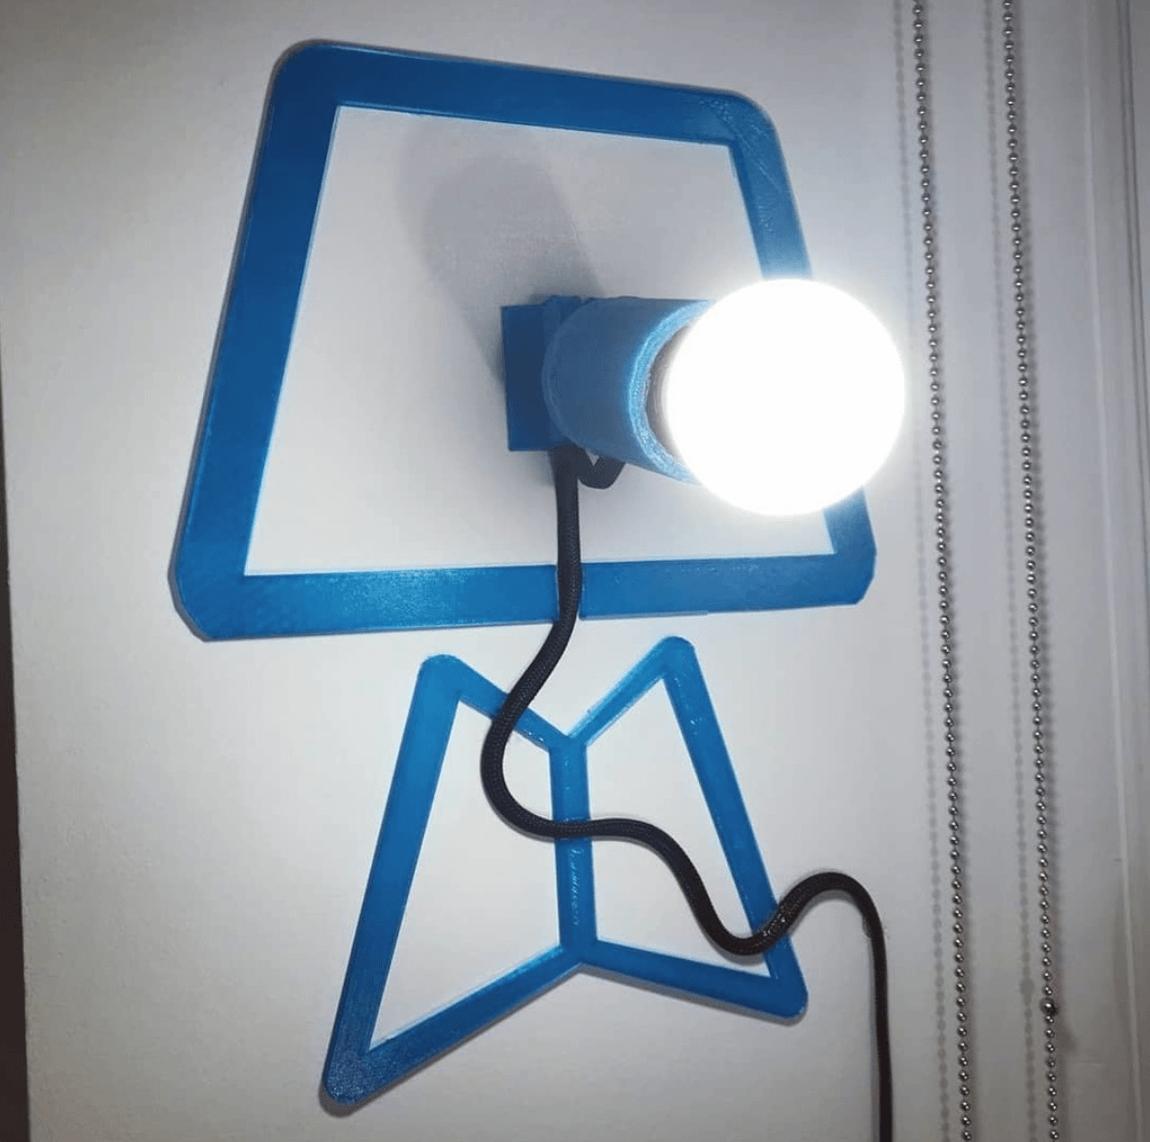 Capture d'écran 2018-03-13 à 11.09.33.png Download free STL file The lamp that is not a lamp • 3D print model, Gonzalor